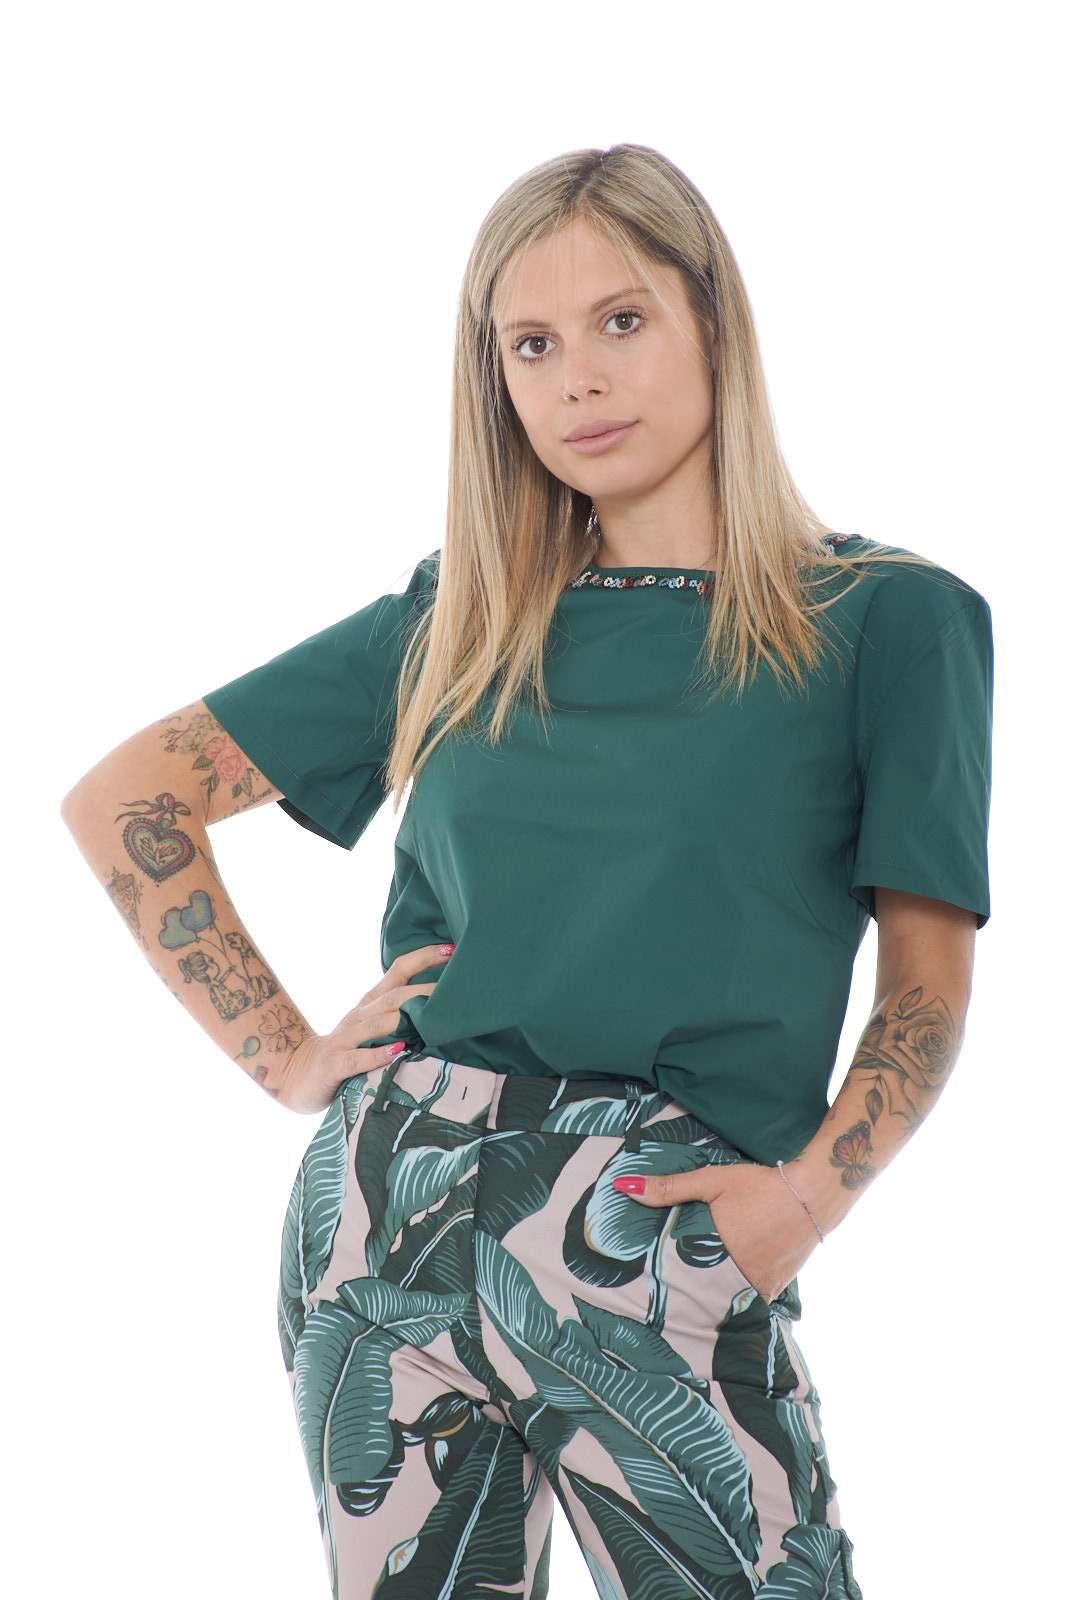 Una blusa pensata per ogni look quella firmata Weekend MaxMara. Uno stile minimal impreziosito da perline multicolore al collo. La vestibilità over la rende iconica per i look più quotidiani, un vero must have.